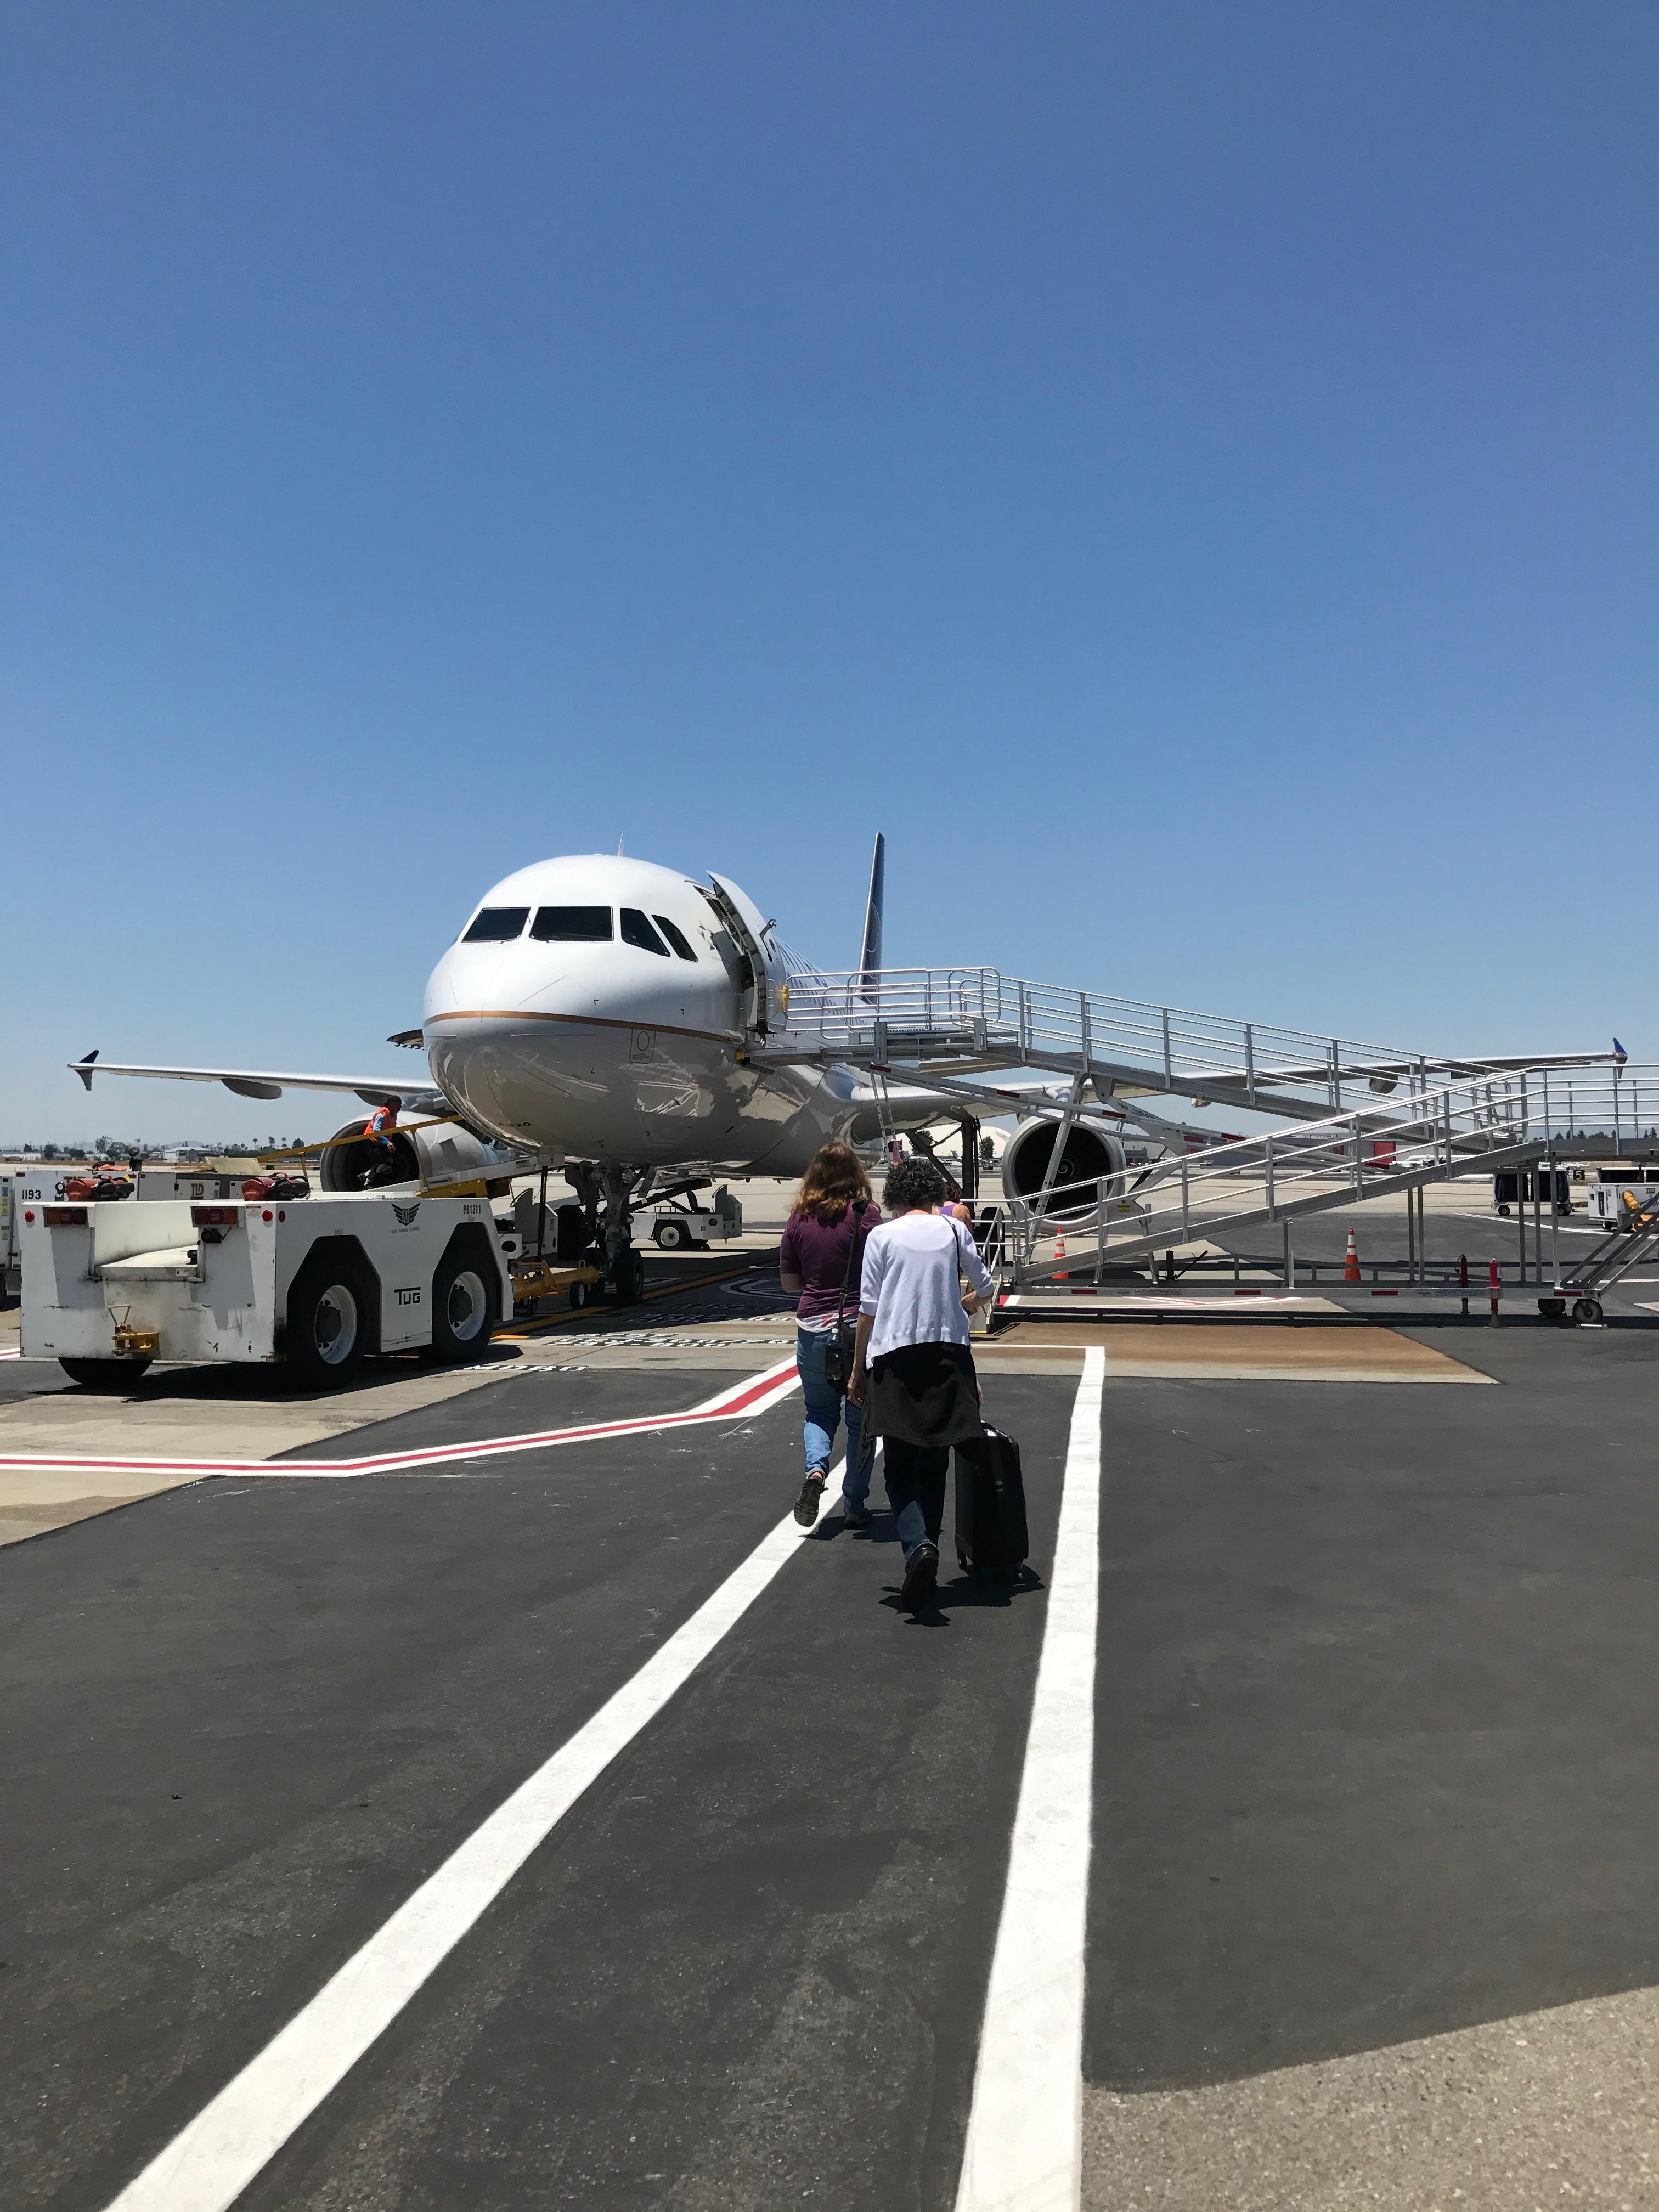 Burbank Airport, Bob Hope Airport